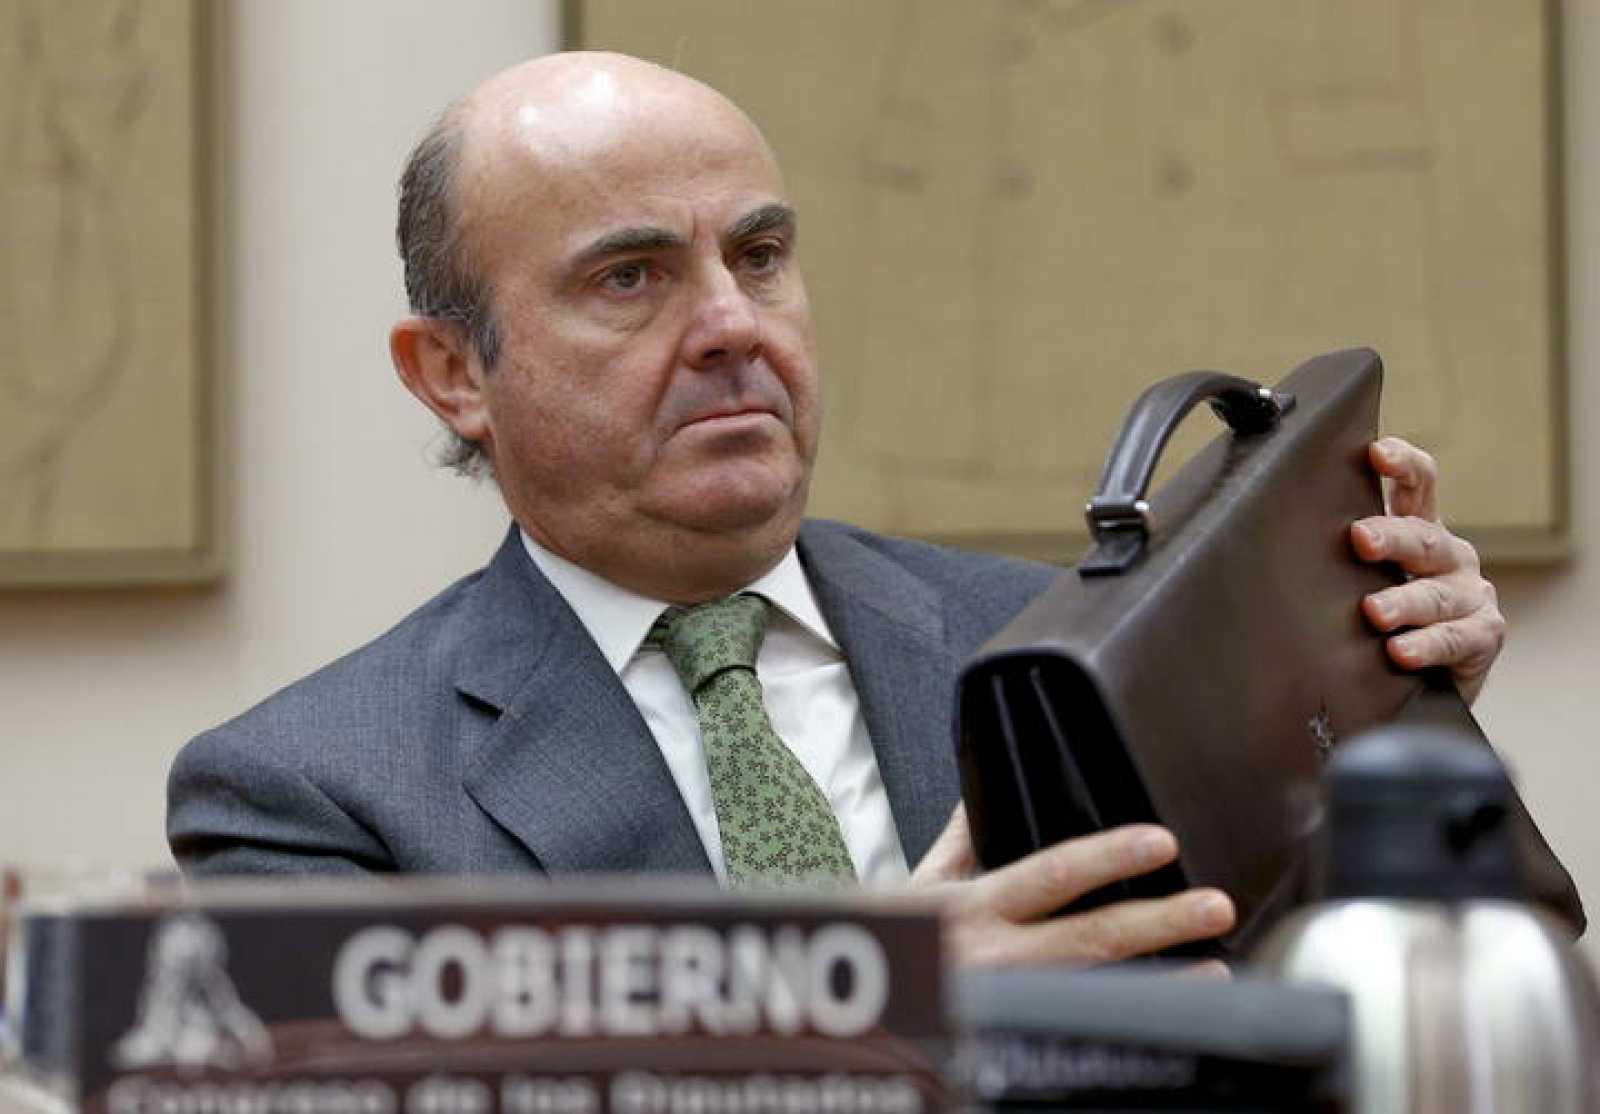 El ministro de Economía y Competitividad, Luis de Guindos, durante su comparecencia en la Comisión de Economía en el Congreso de los Diputados